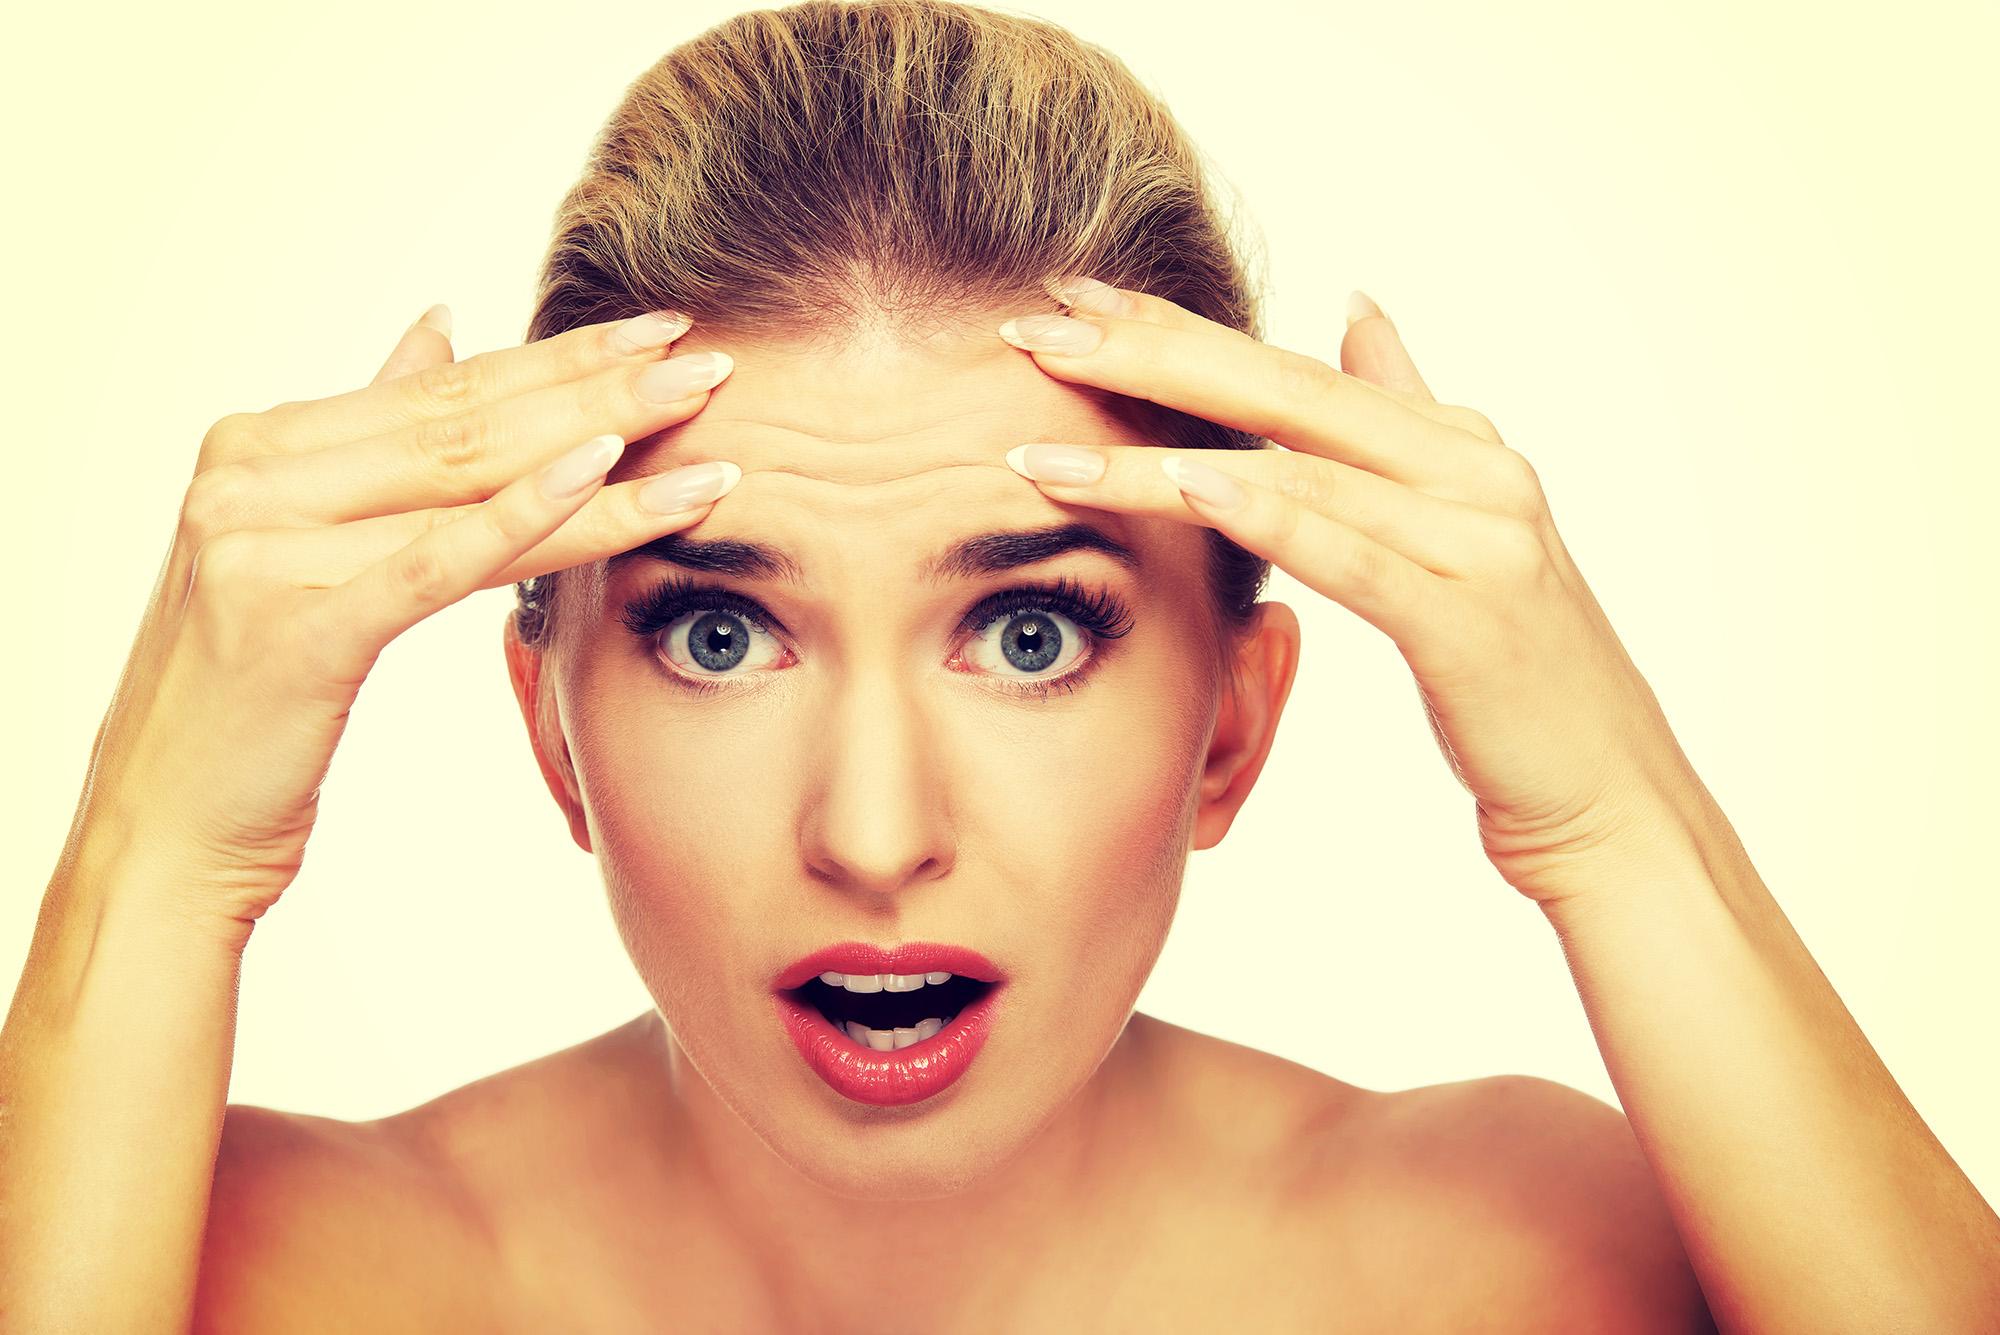 О чём могут предупредить «облысевшие брови»?